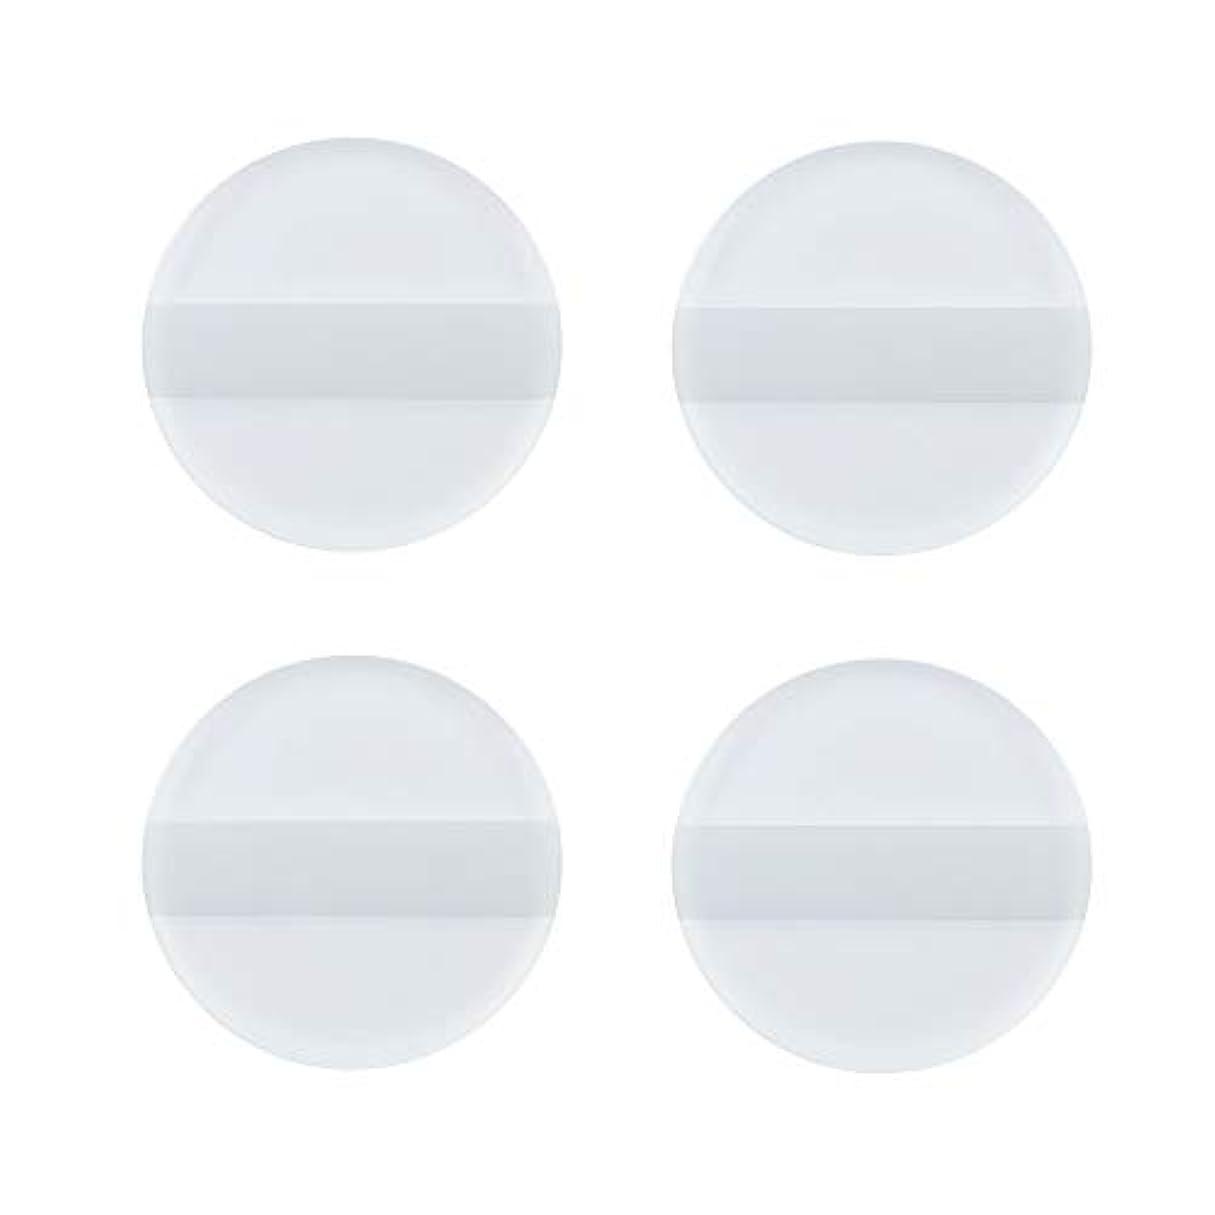 けん引一回娘SHARE BEAUTY シリコンパフ ゲルパフ ゼリーパフ 4枚入り 円形 柔らかい 透明 軽量 コンパクト ファンデーション吸収しない 化粧品を節約 清潔しやすい 衛生 メイク用 ケース付き